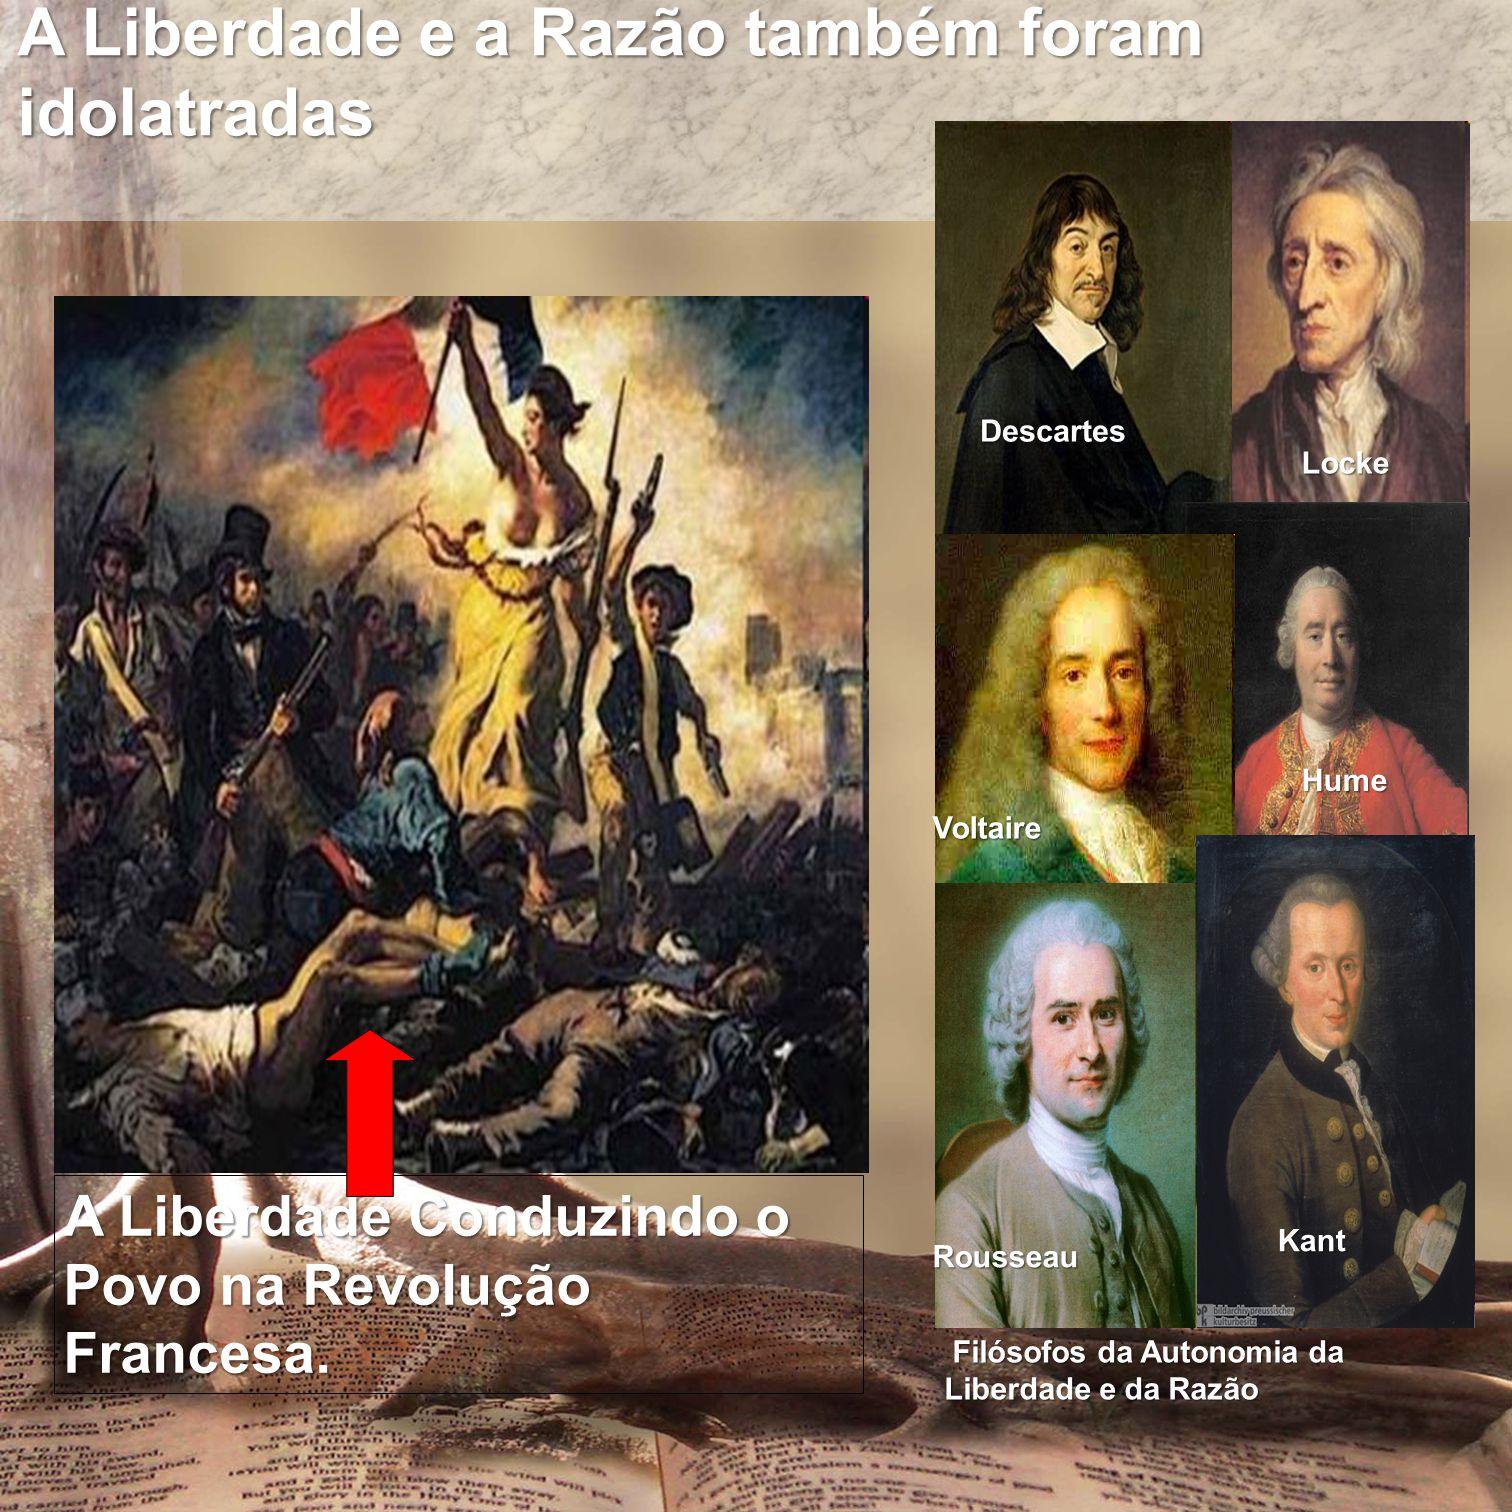 A Liberdade e a Razão também foram idolatradas